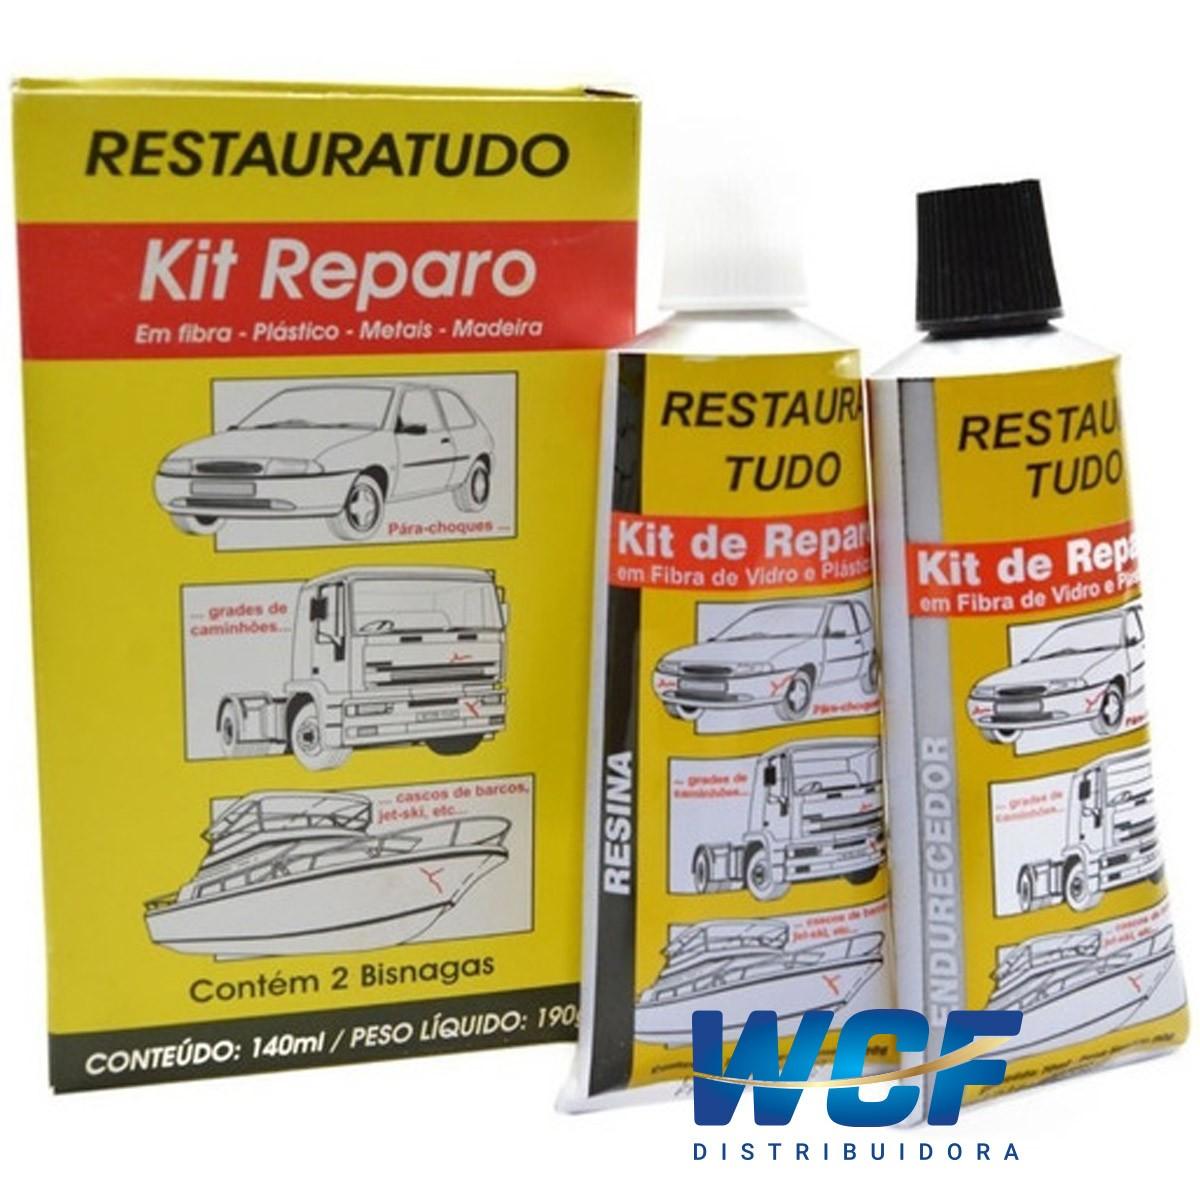 KIT DE REPARO REPARA CHOQUE 190 G VEDA CHOQUE